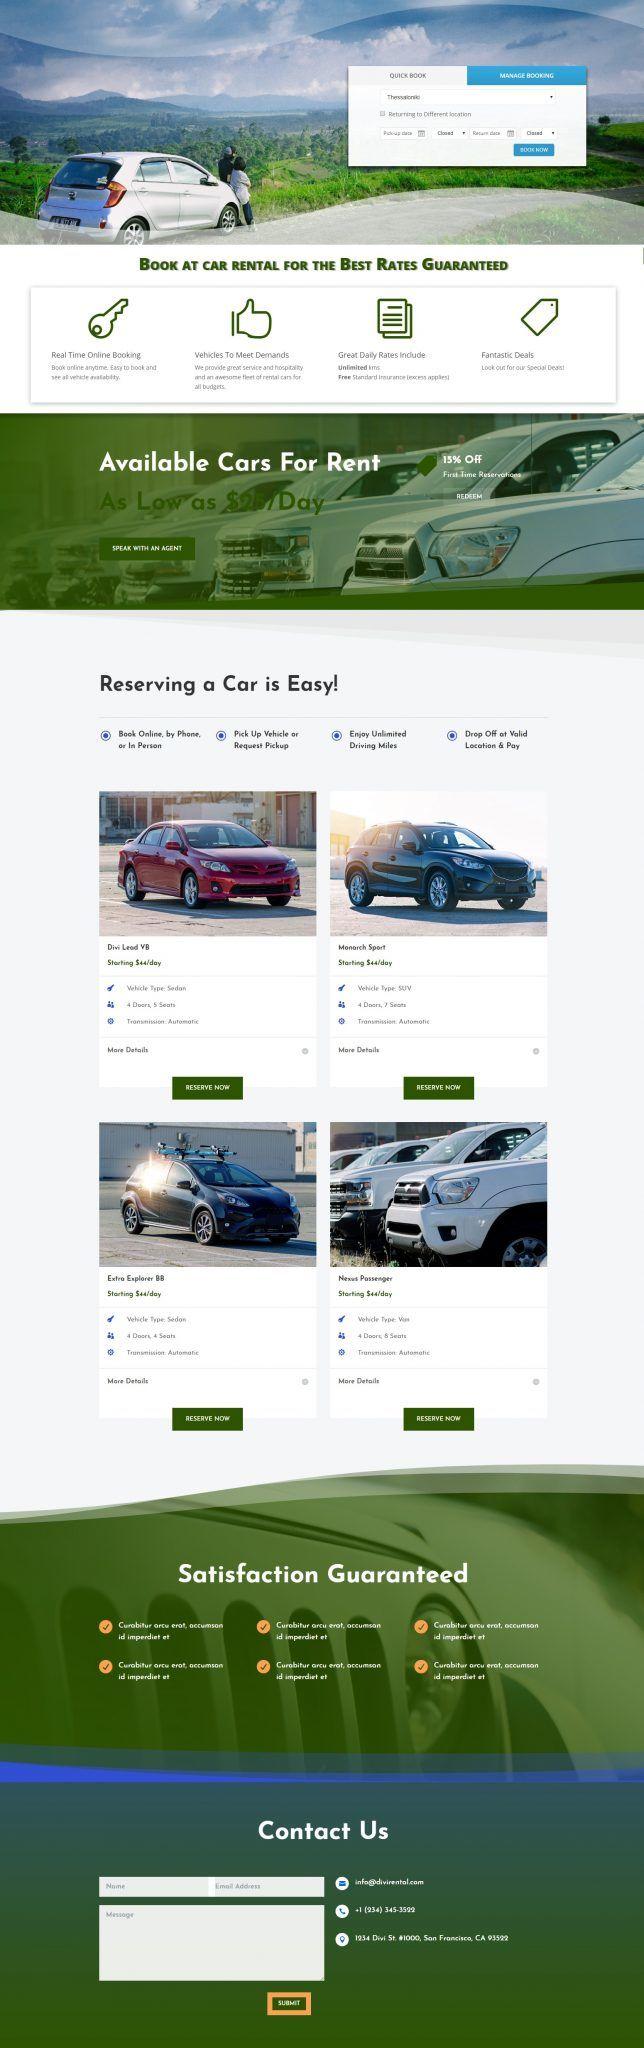 Ιστοσελίδα Car rental